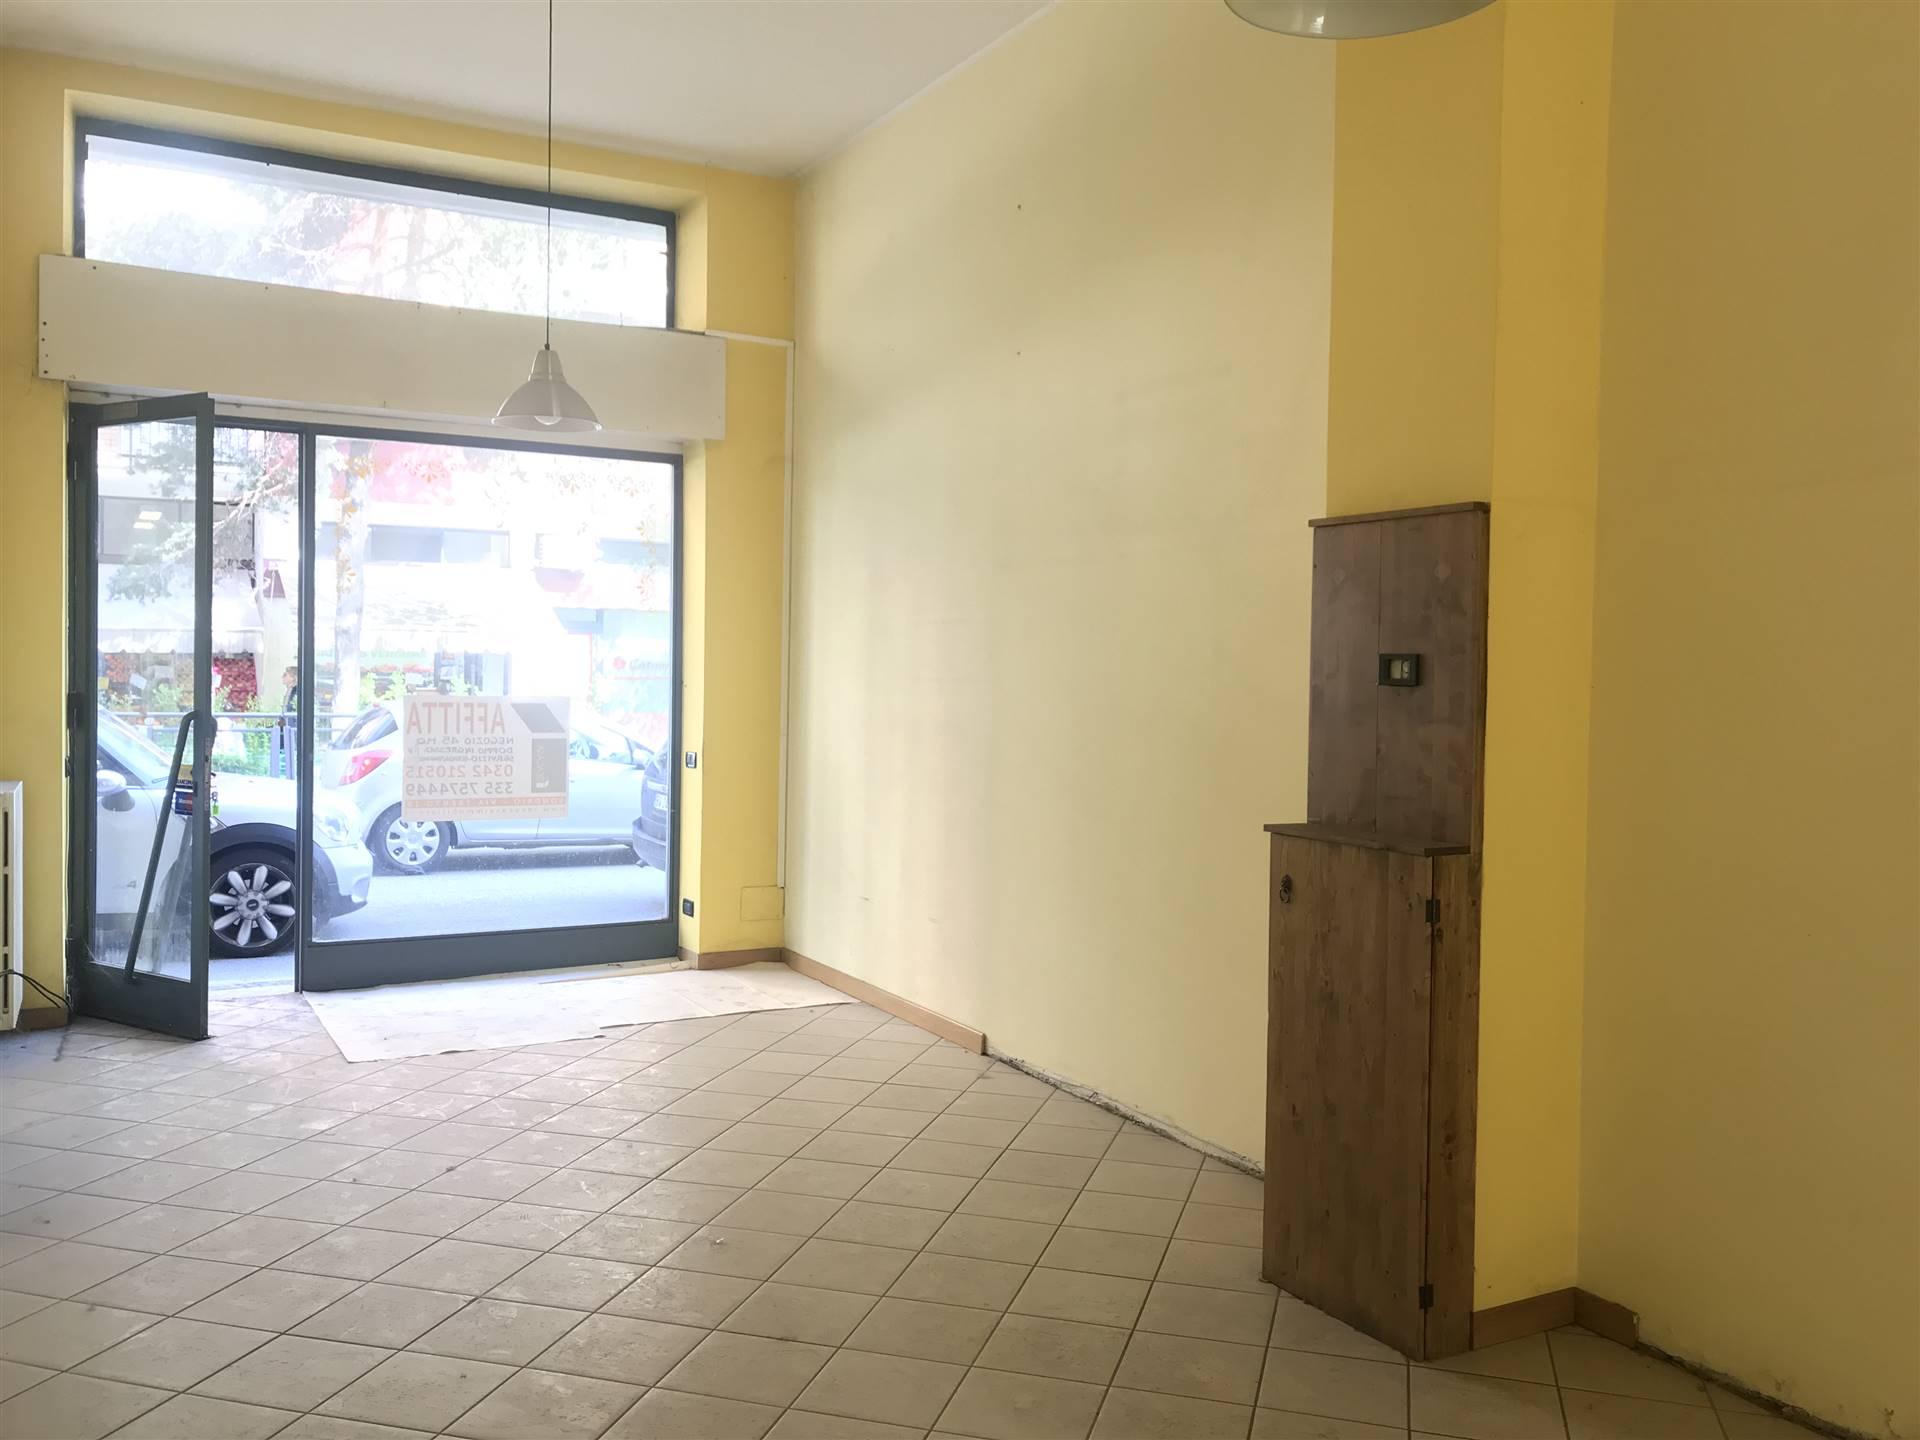 Negozio / Locale in affitto a Sondrio, 1 locali, prezzo € 500 | PortaleAgenzieImmobiliari.it